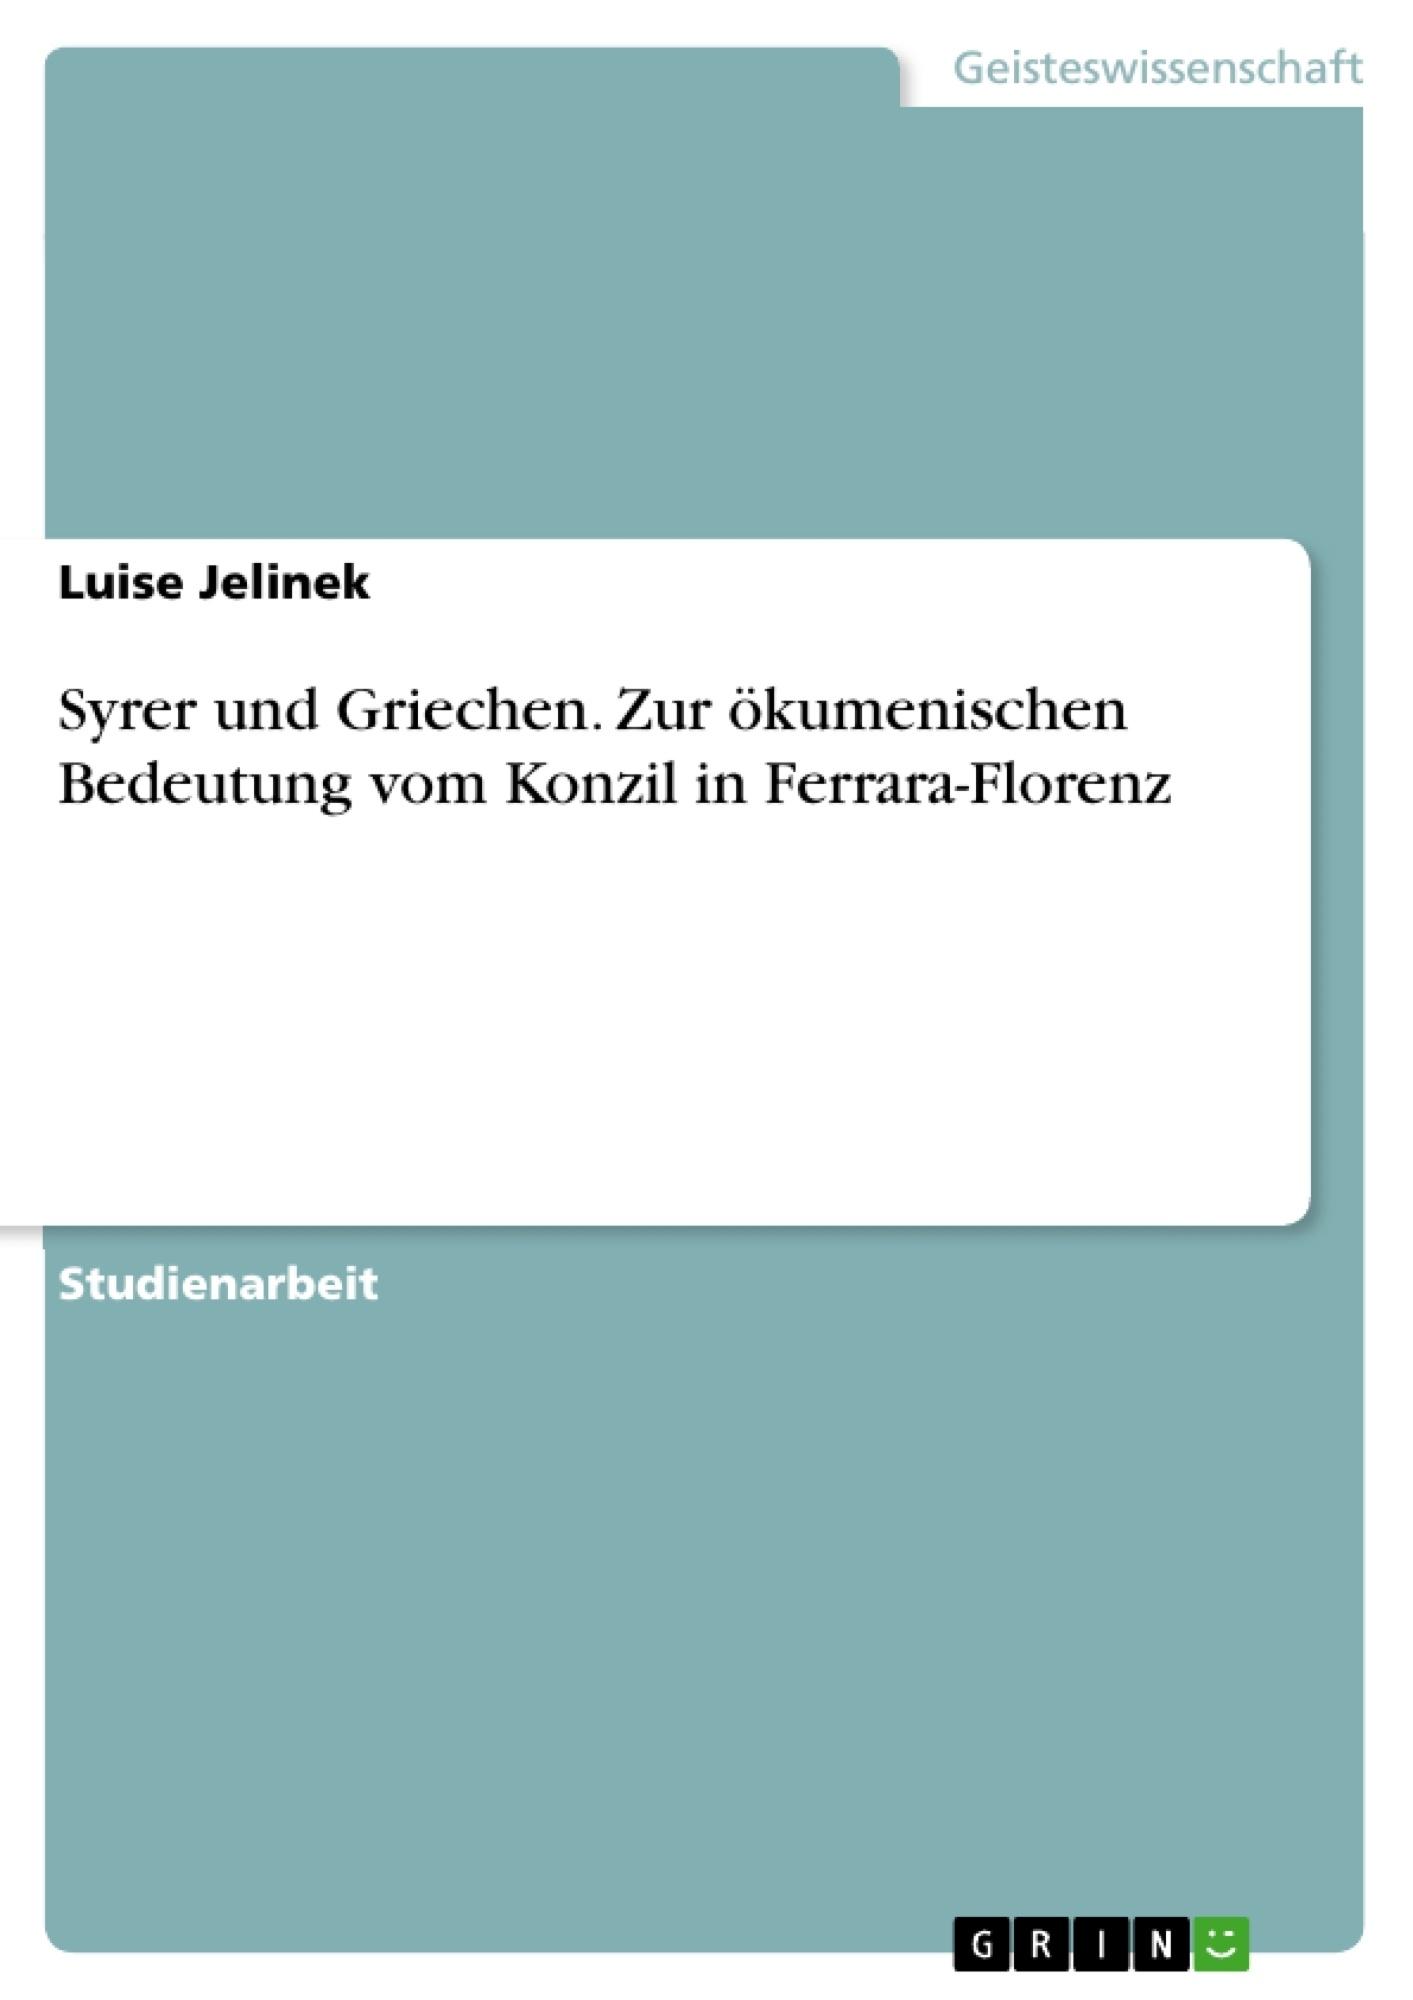 Titel: Syrer und Griechen. Zur ökumenischen Bedeutung vom Konzil in Ferrara-Florenz